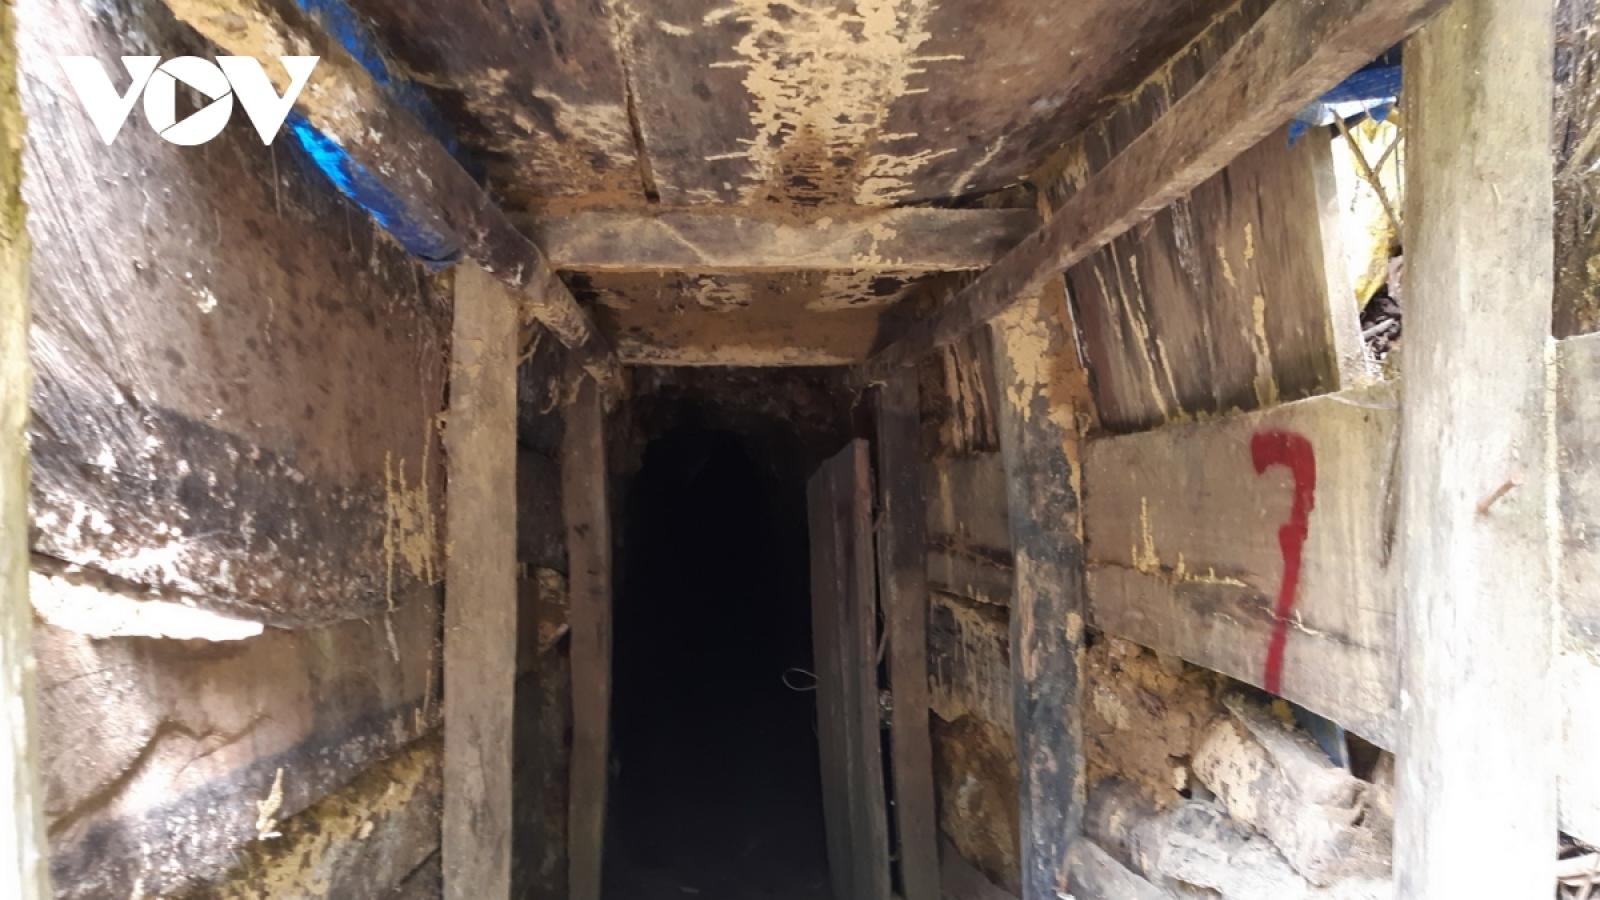 Bộ Quốc Phòng thống nhất chủ trương phá hủy hầm vàng trái phép tại tỉnh Quảng Nam